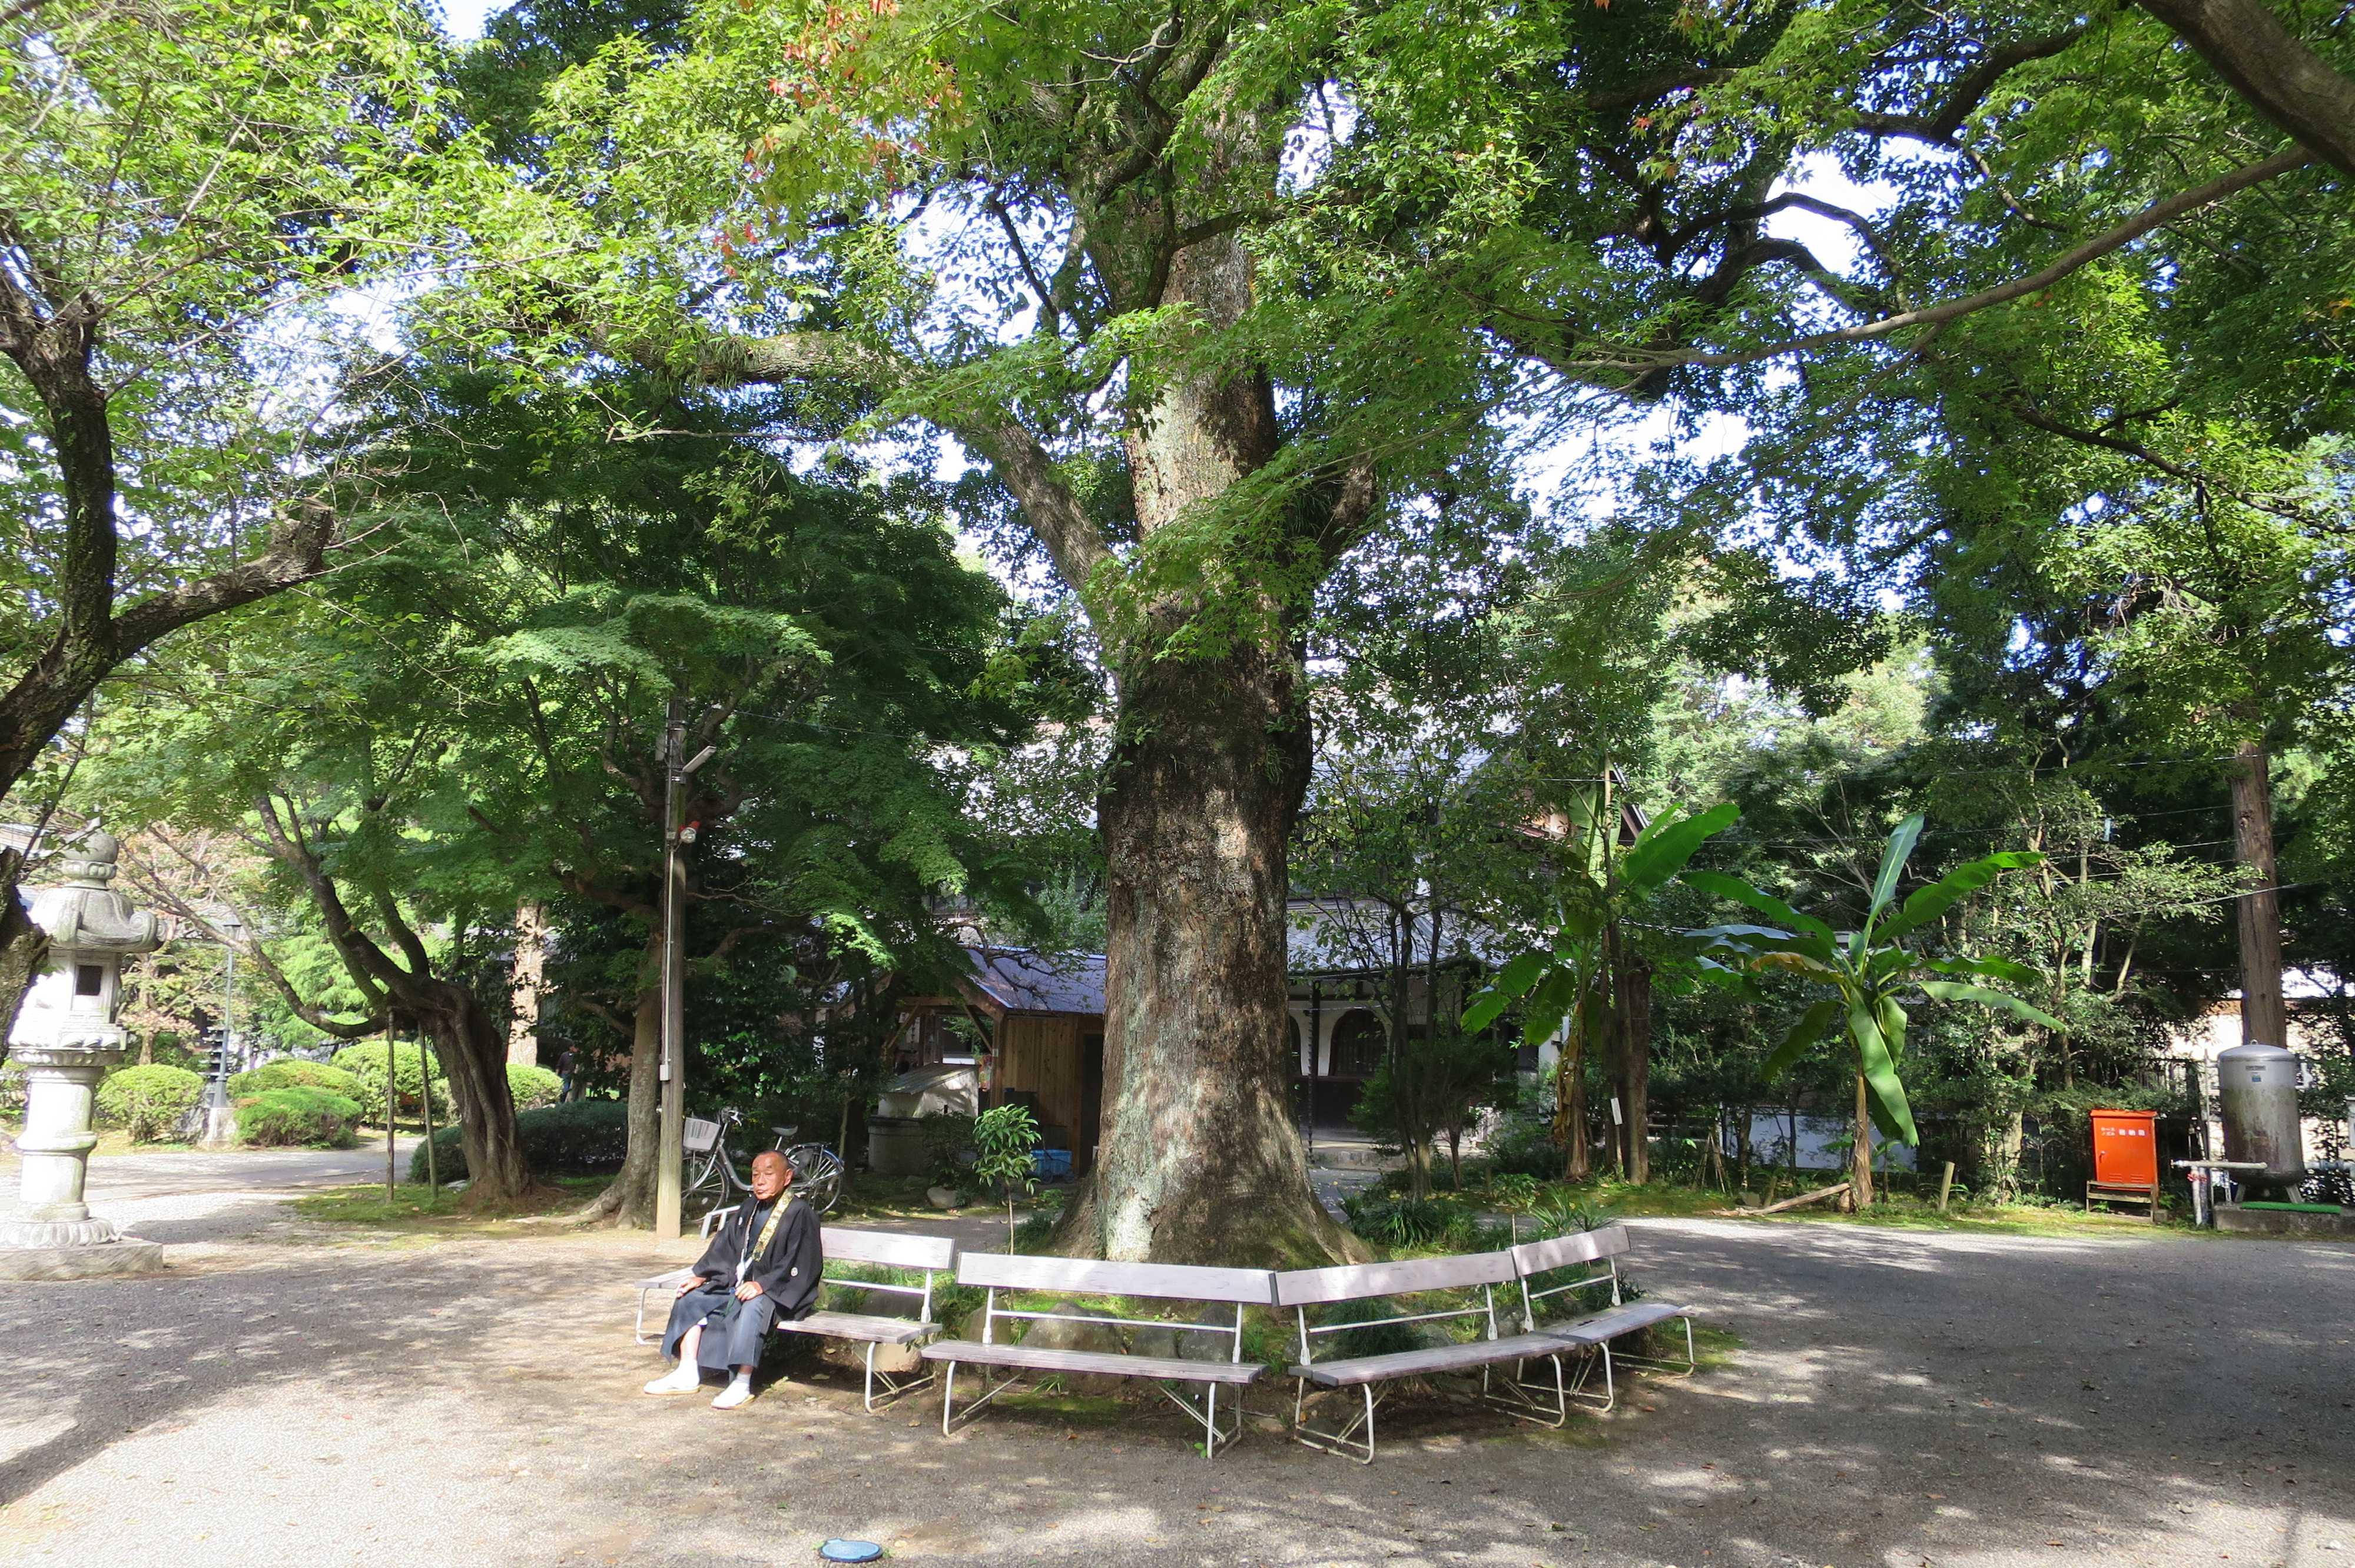 無量光寺 - 大樹の根元のベンチで一休みする信徒の方